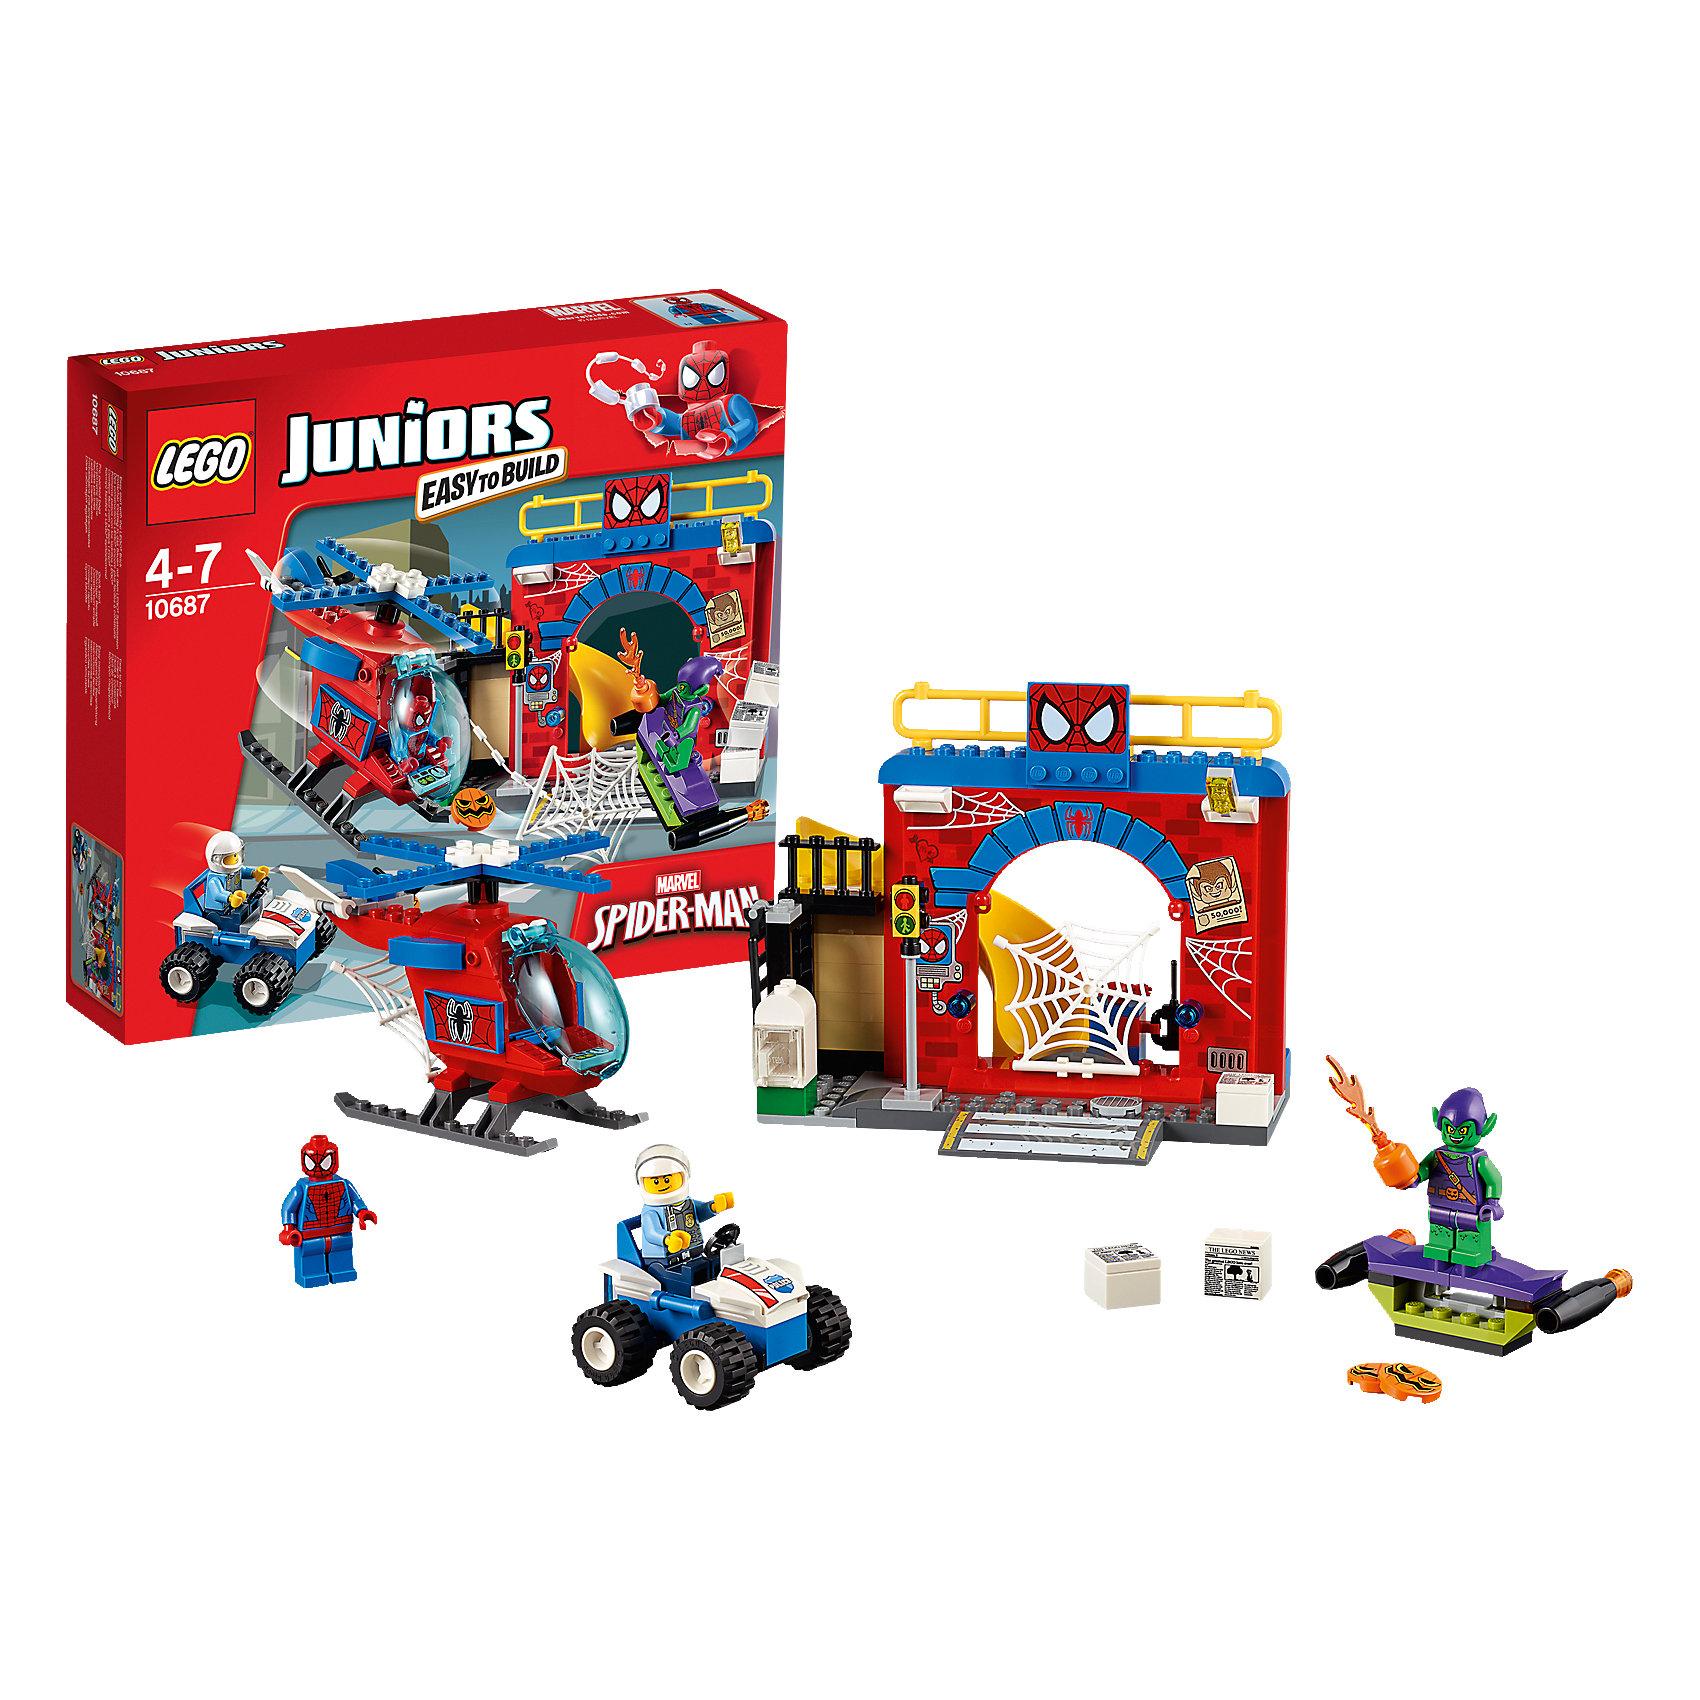 LEGO Juniors 10687: Убежище Человека-паука™Конструктор LEGO Juniors (ЛЕГО Джуниорс) 10687: Убежище Человека-паука™ придется по душе всем любителям комиксов и мультфильмов про знаменитого героя. Из нового набора ребенок узнает, где скрывается Человек-паук от посторонних глаз. Как и положено тайному логову, убежище оснащено системой охраны. Чувствительная сеть на входе улавливает самые слабые вибрации, а по компьютеру можно следить за ситуацией в городе и связываться с полицией. Прожектор освещает ориентировки на опасных злодеев, развешанные на стене убежища. Один из таких преступников -  Зеленый Гоблин, решил уничтожить Человека-паука, обстреляв его жилище тыквенными бомбами из планера. Но герой разгадал коварный план и решил сразиться со злодеем с помощью суперсовременного вертолета. Его паутиномет стреляет без промаха, но силы не равны. Тогда в дело вступает полицейский вездеход. Чем закончится сражение - решать только тебе! Ребенок сможет придумать множество увлекательных сюжетов с деталями набора LEGO Juniors (ЛЕГО Джуниорс) 10687: Убежище Человека-паука™. Подключайте фантазию и Вам никогда не будет скучно в компании LEGO (ЛЕГО)!<br><br>Конструкторы LEGO Juniors (ЛЕГО Джуниорс) - специально разработаны для детей от 4 до 7 лет. Размер кубиков и деталей соответствует обычным размерам. При этом наборы очень просты в сборке. Понятные инструкции позволяют детям быстро получить результат и приступить к игре. Конструкторы этой серии прекрасно детализированы, яркие, прочные, имеют множество различных сюжетов - идеально подходят для реалистичных и познавательных игр.<br><br>Дополнительная информация:<br><br>- Игра с конструктором  LEGO (ЛЕГО) развивает мелкую моторику ребенка, фантазию и воображение, учит его усидчивости и внимательности;<br>- В комплекте: 3 минифигурки (Человек-Паук, Зеленый Гоблин и полицейский), множество тематических аксессуаров, детали набора; <br>- Количество деталей: 137 шт;<br>- Отлично подойдет для сюжетно-ролевых игр;<br>- Серия: LEGO Juniors (Л